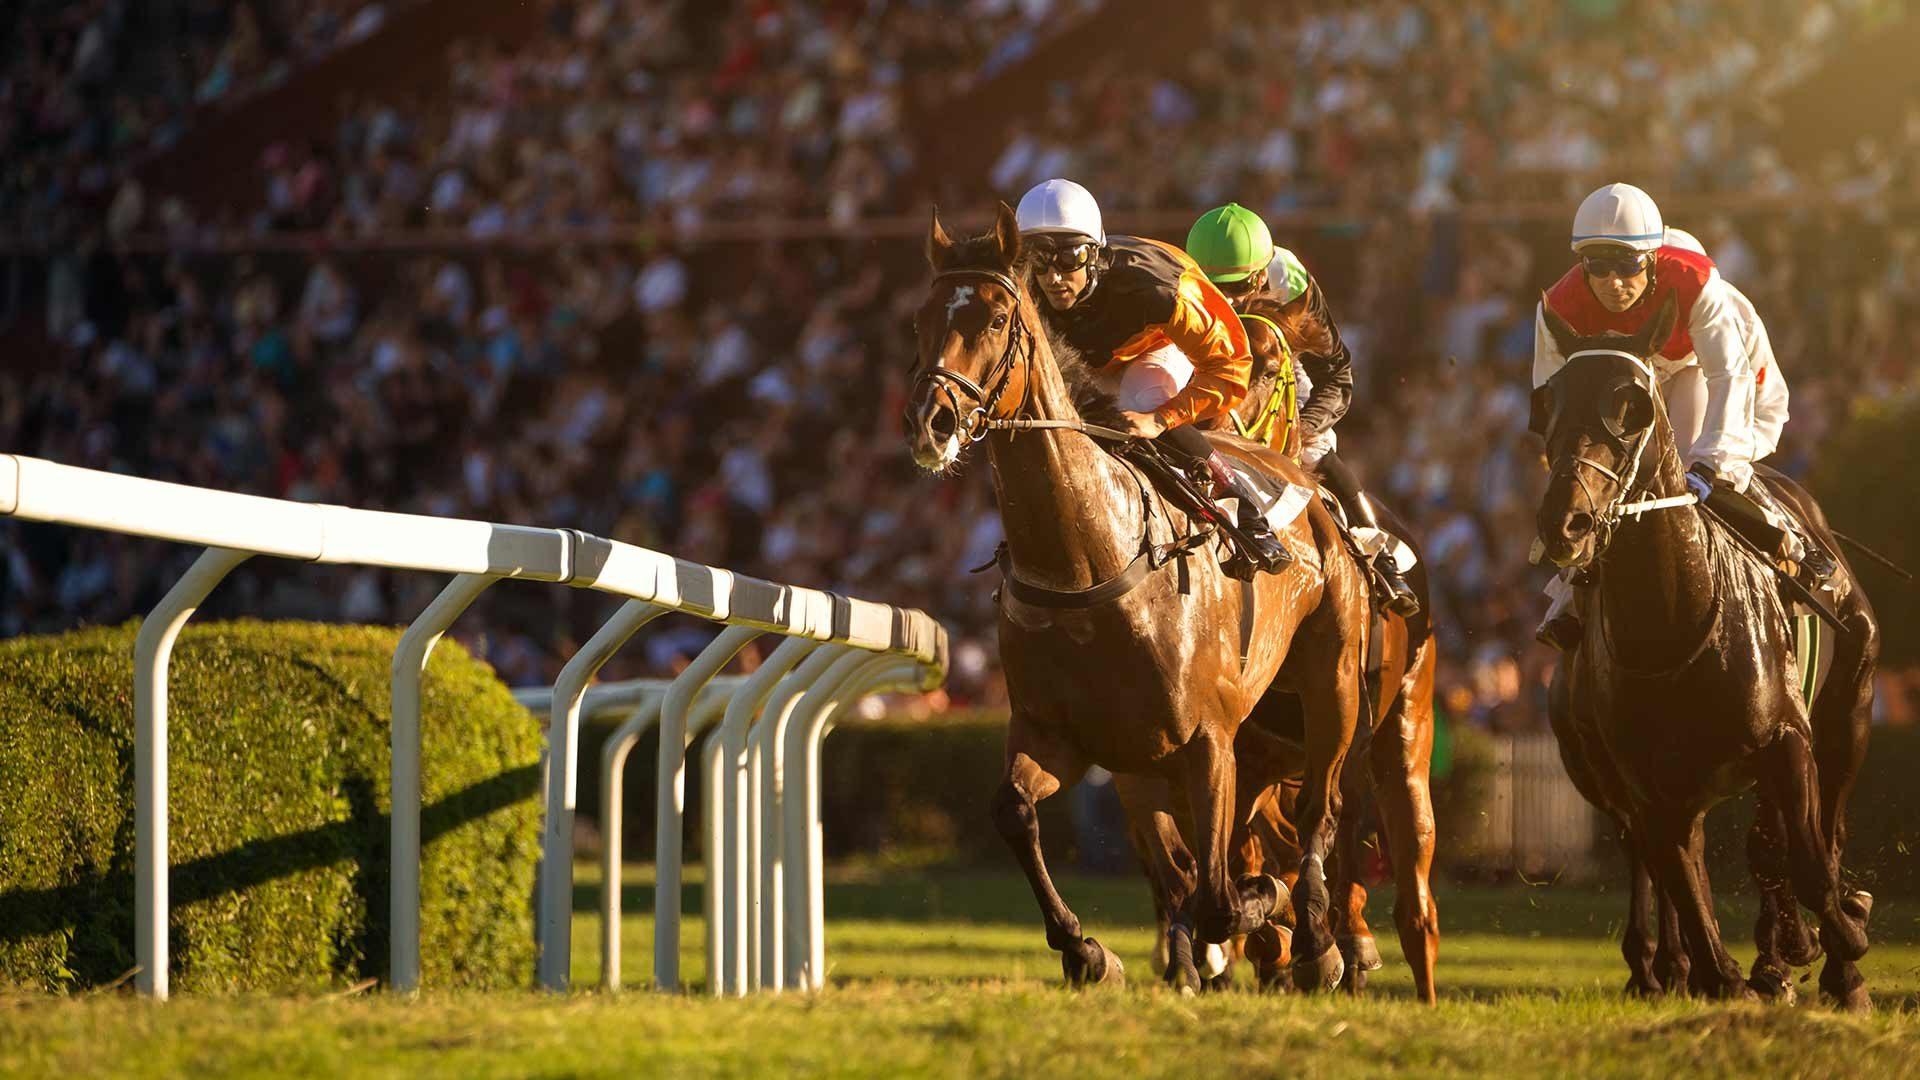 Spettacolare corsa di cavalli